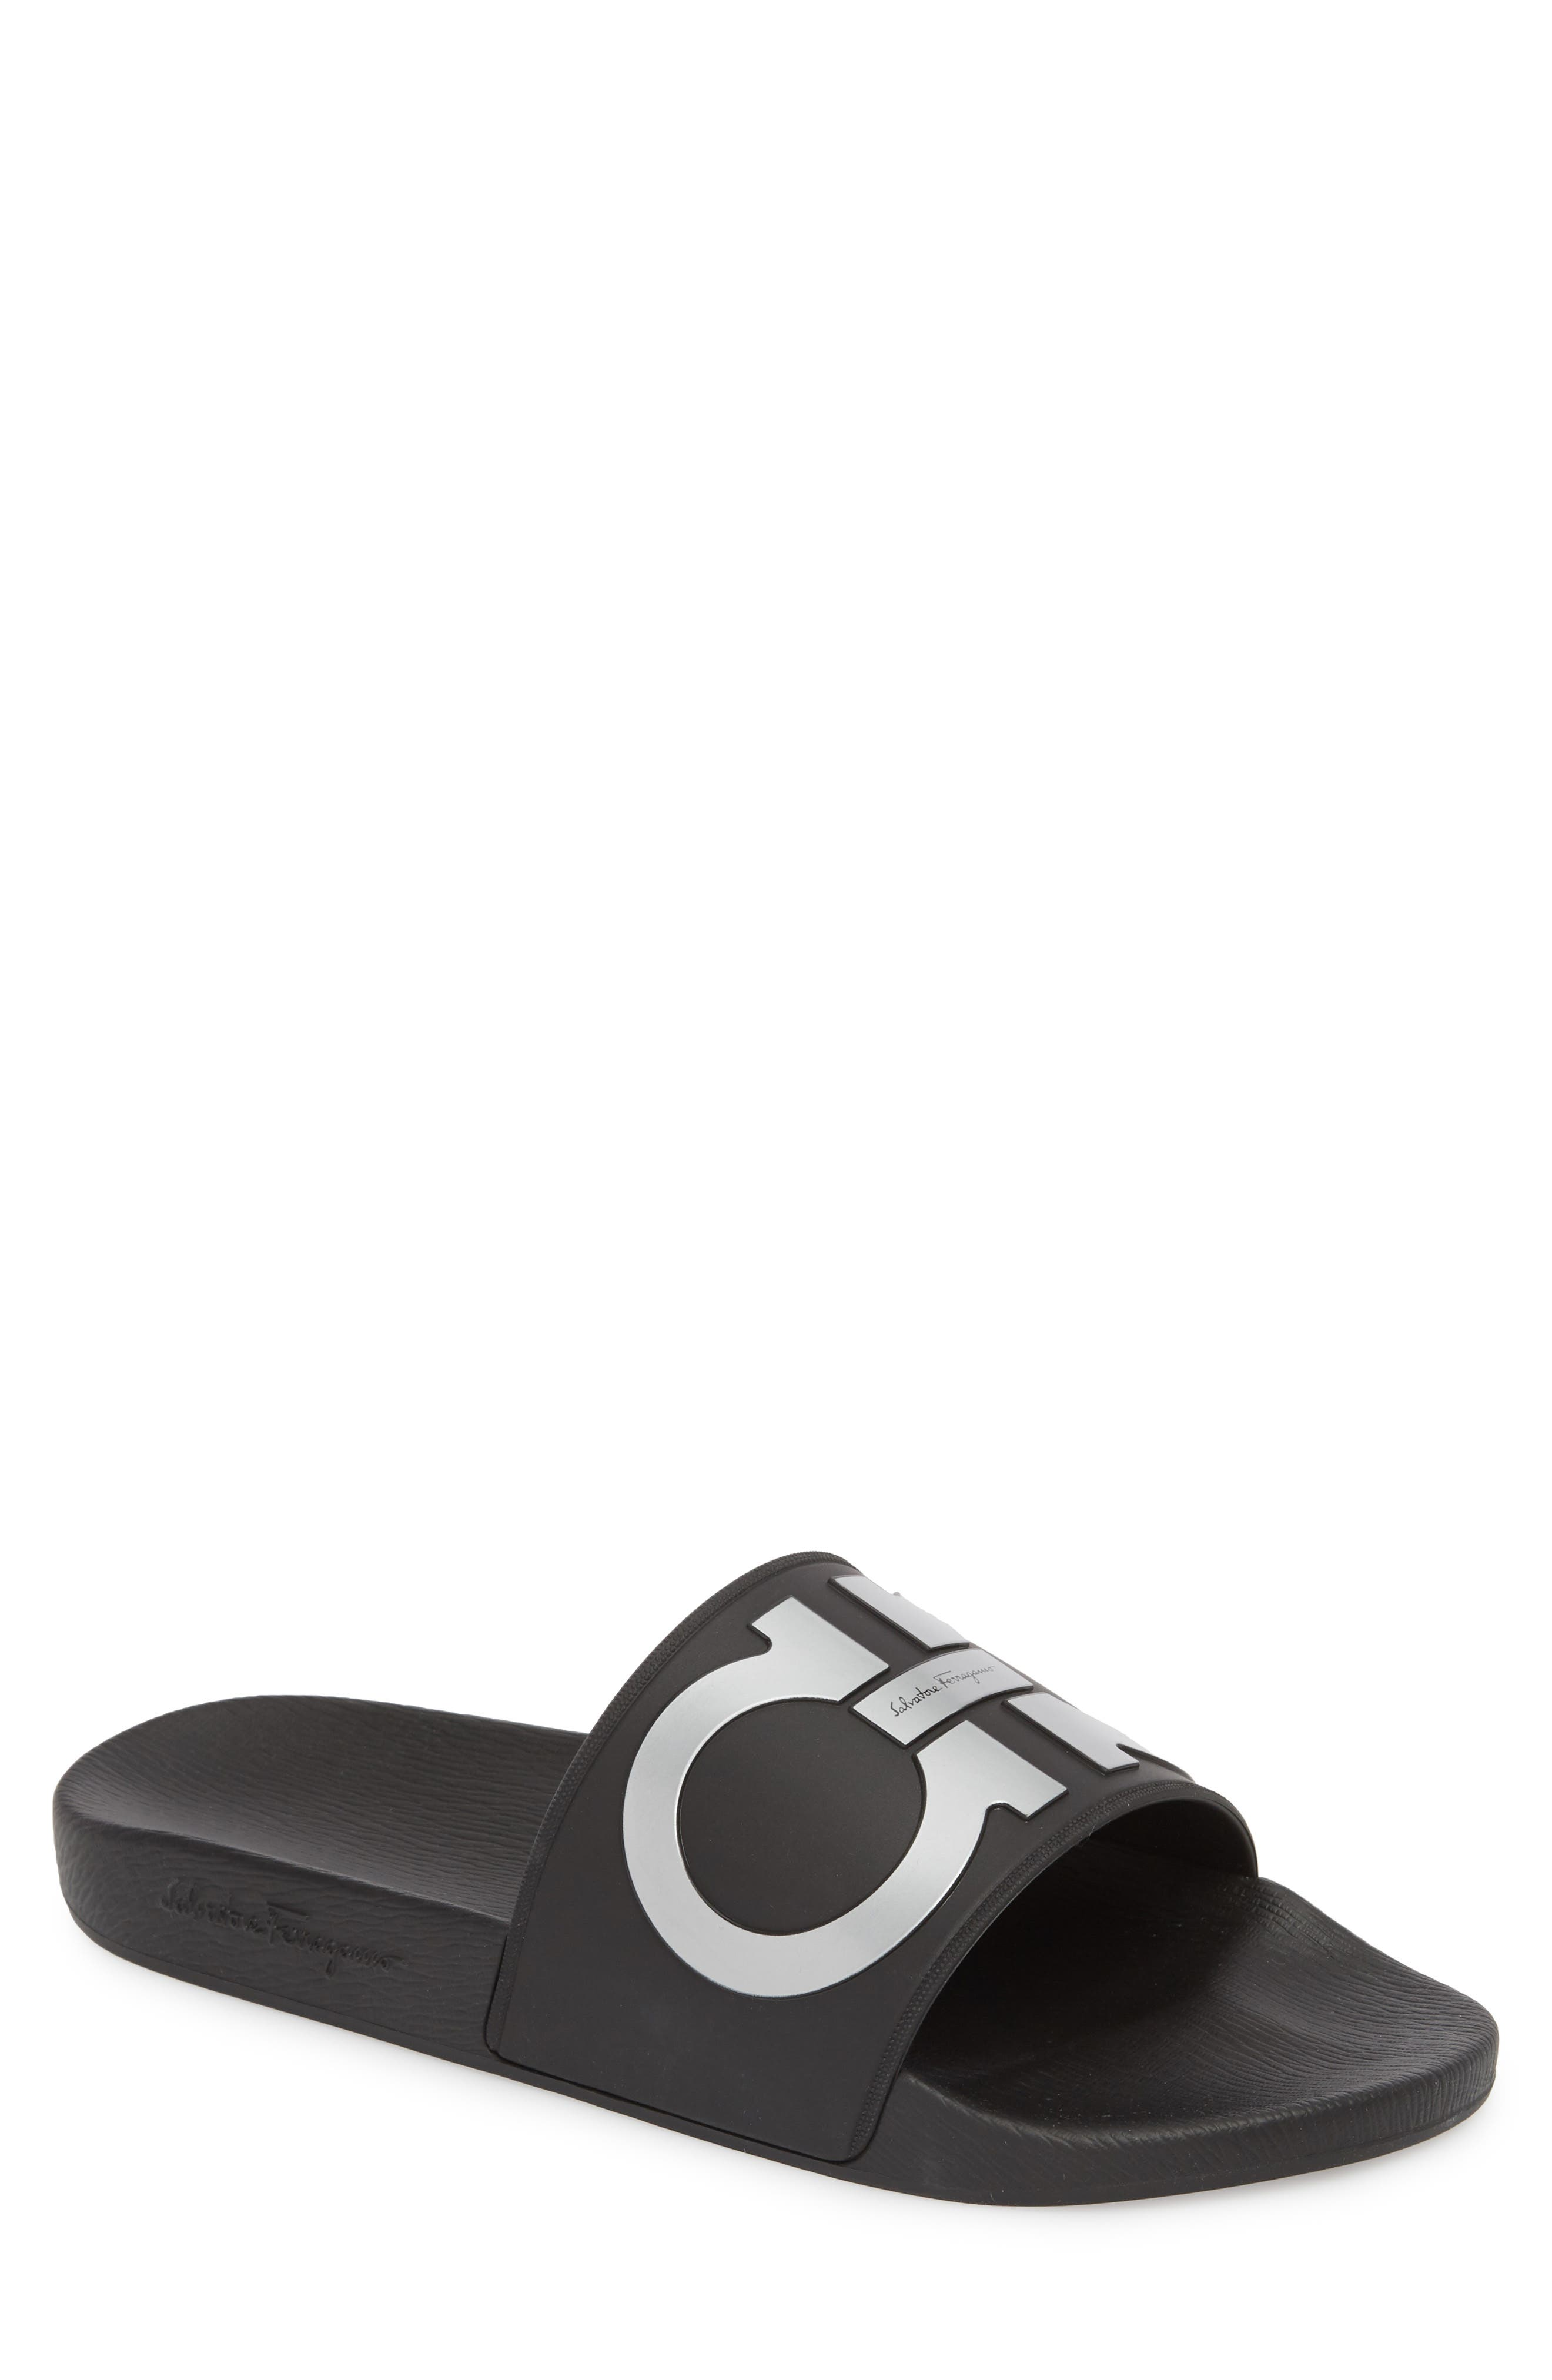 SALVATORE FERRAGAMO Groove 2 Sport Slide Sandal, Main, color, NERO/ SILVER